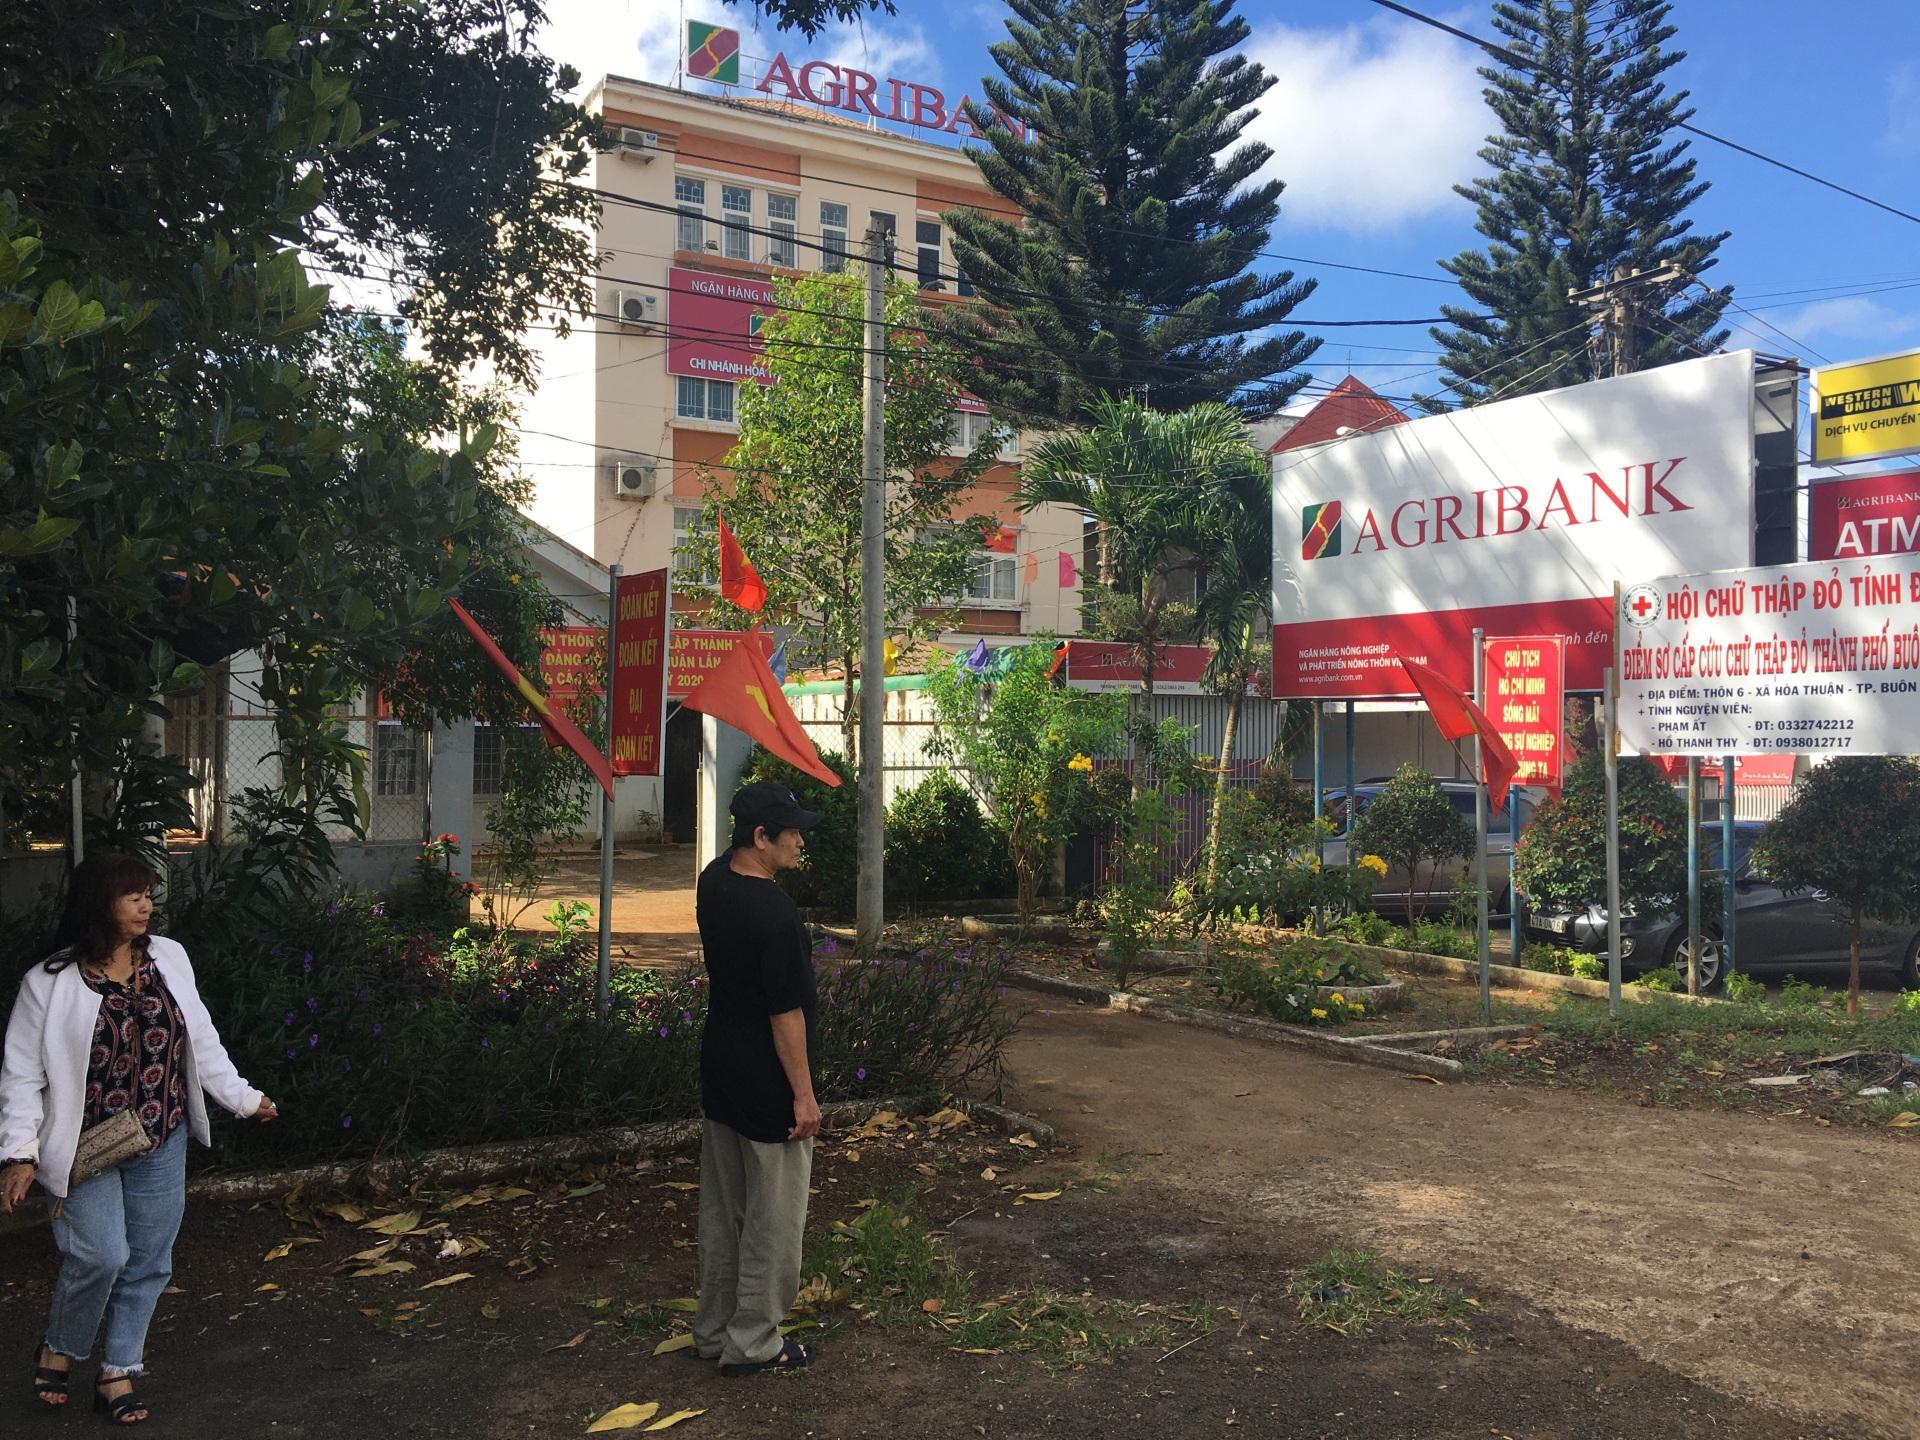 Thành phố Buôn Ma Thuột, tỉnh Đắk Lắk: Cần làm rõ việc đòi lại đất của người dân